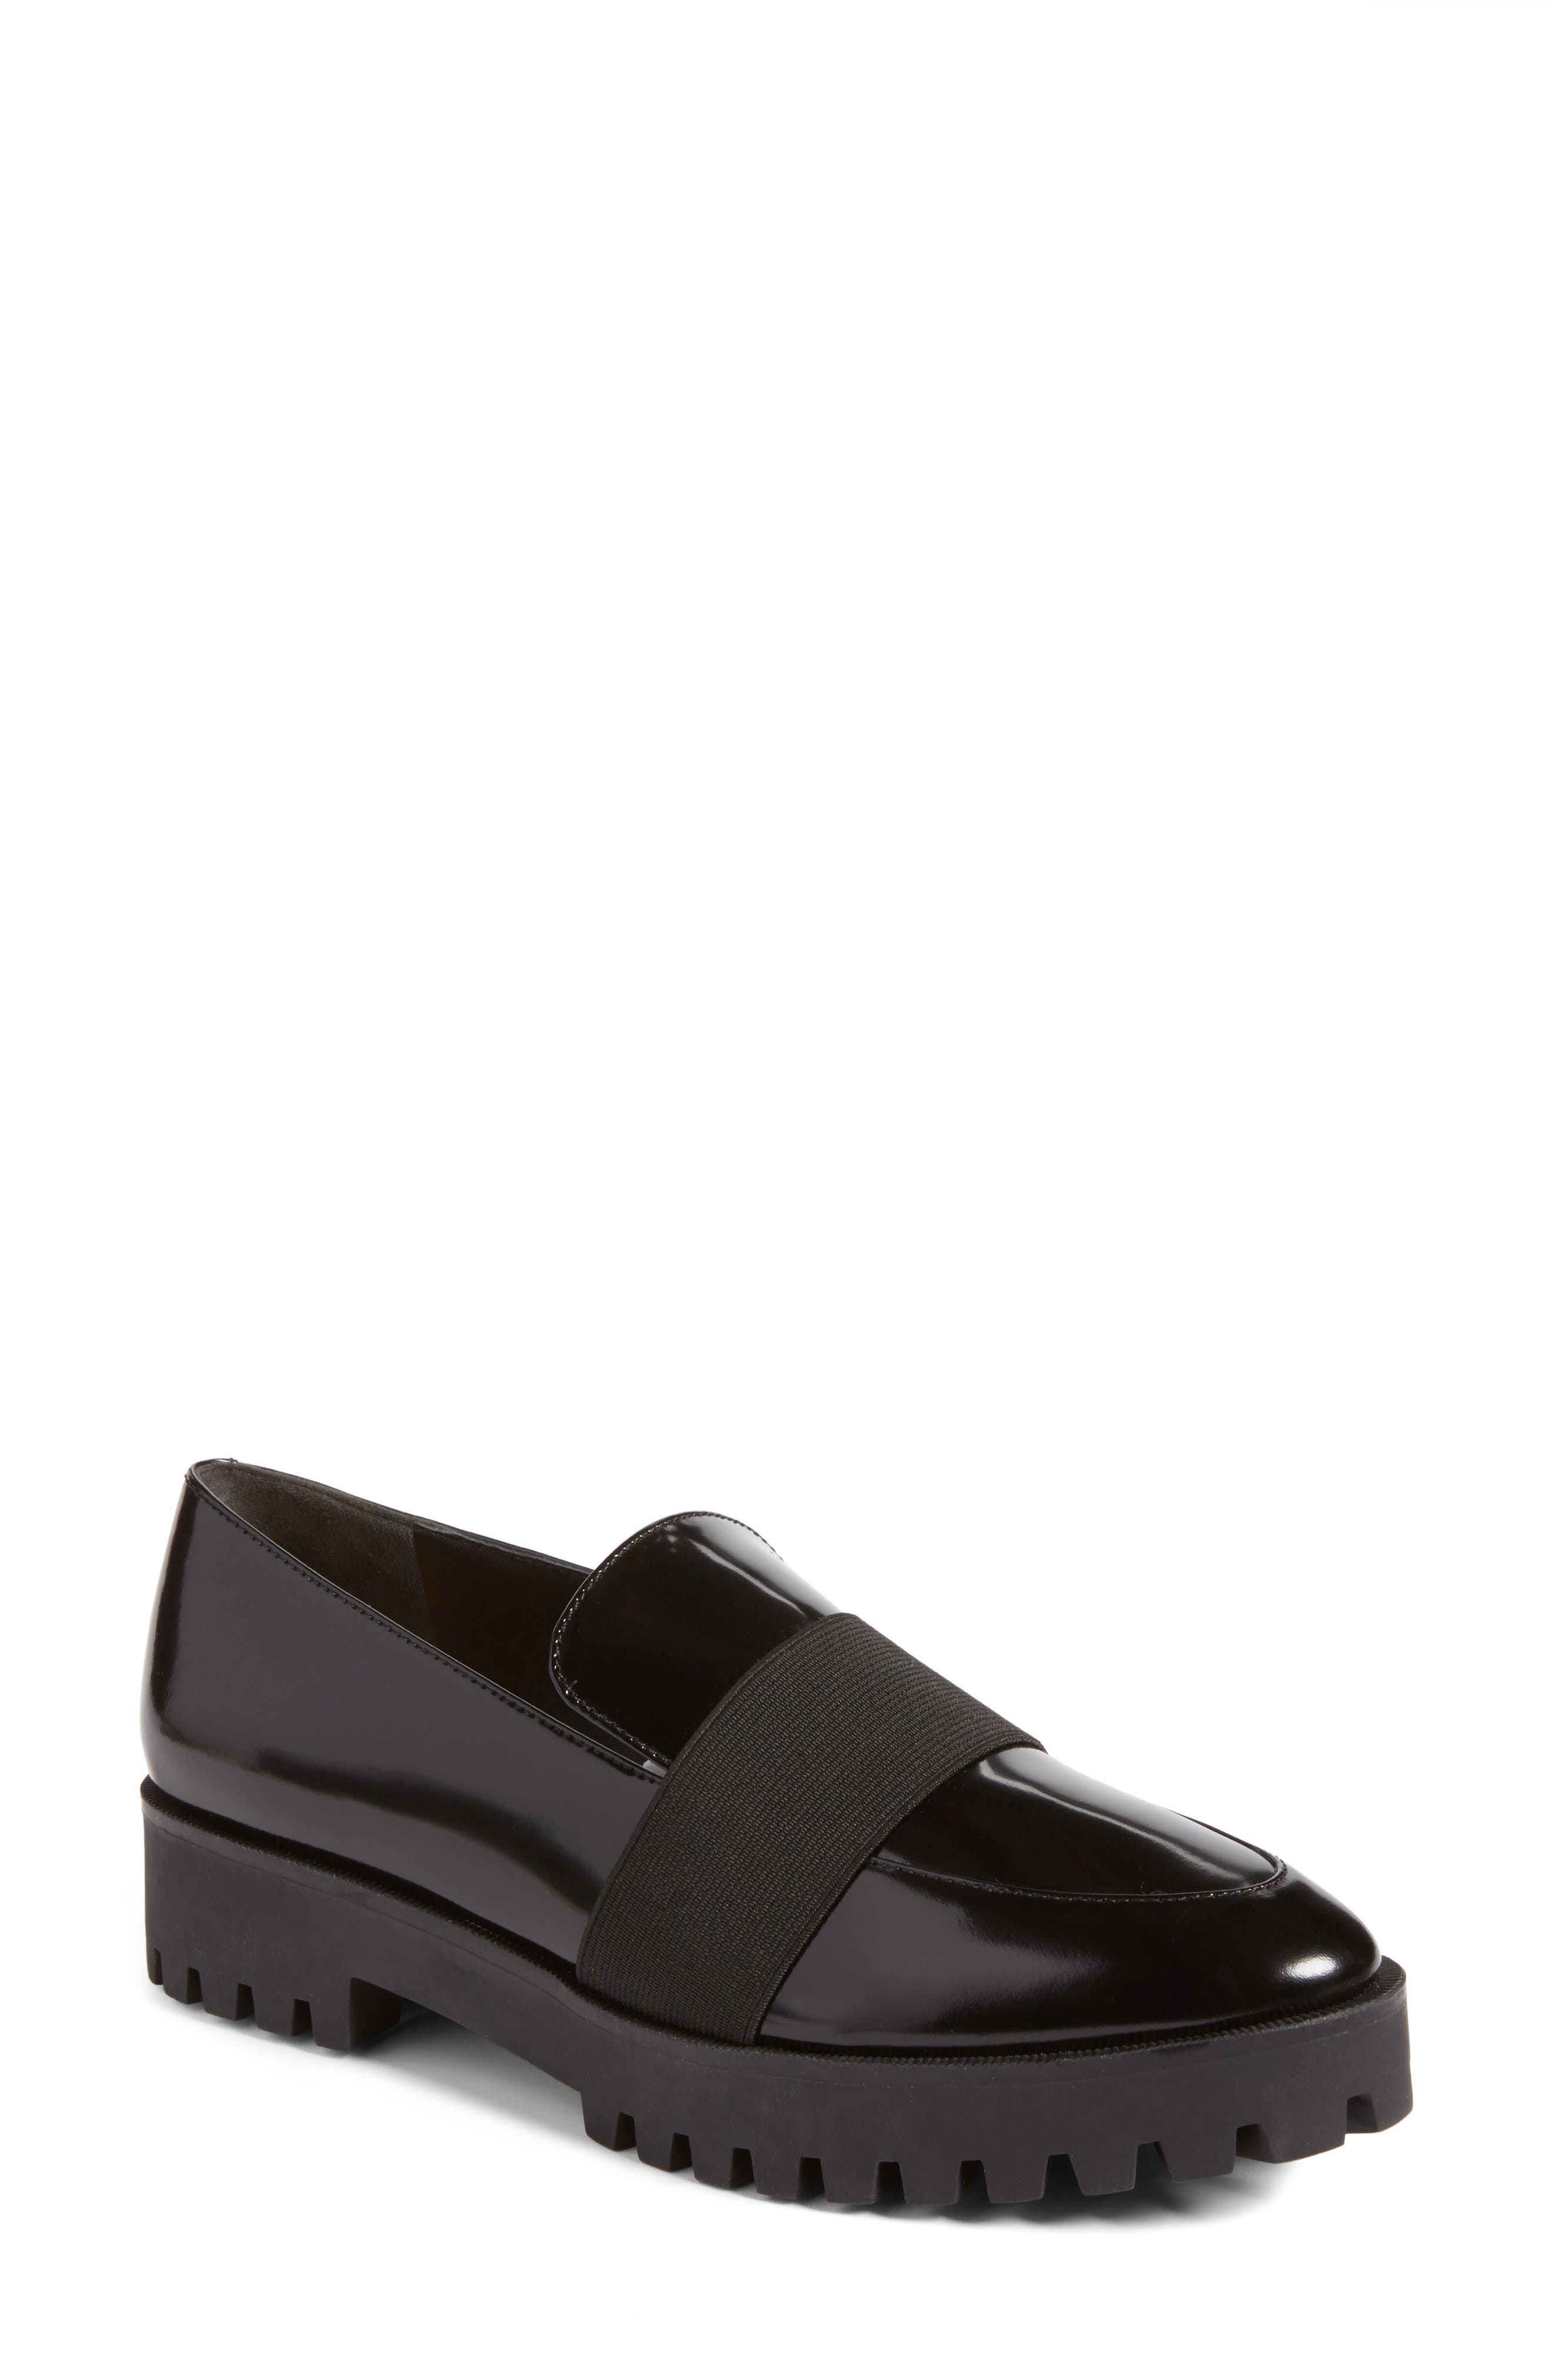 Gallo Platform Loafer,                         Main,                         color, Black Leather